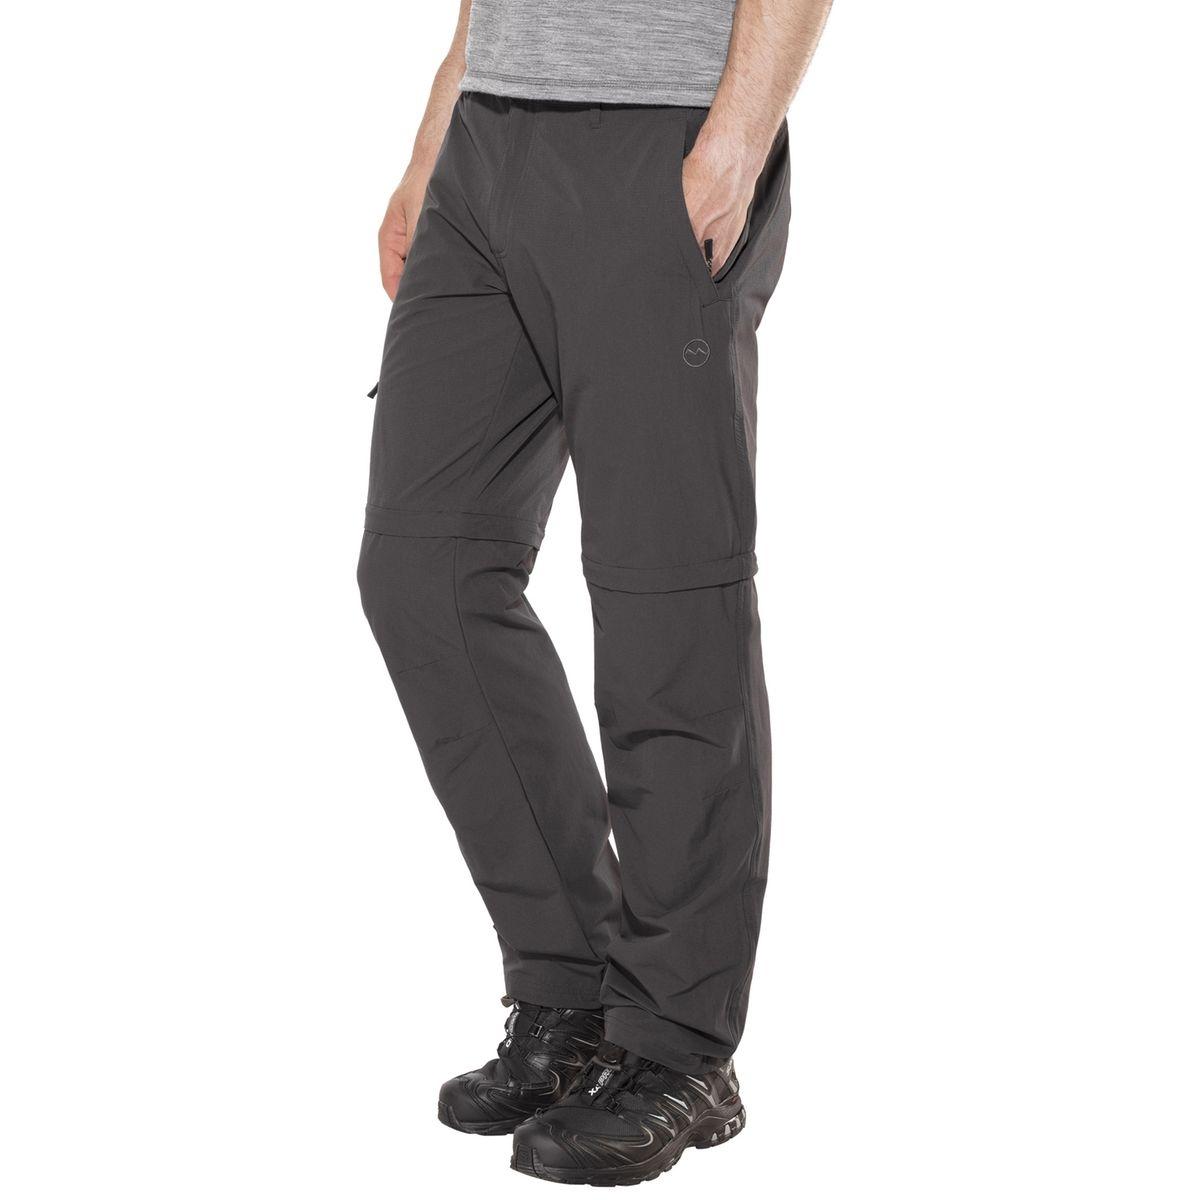 Chur 3 - Pantalon Homme - gris